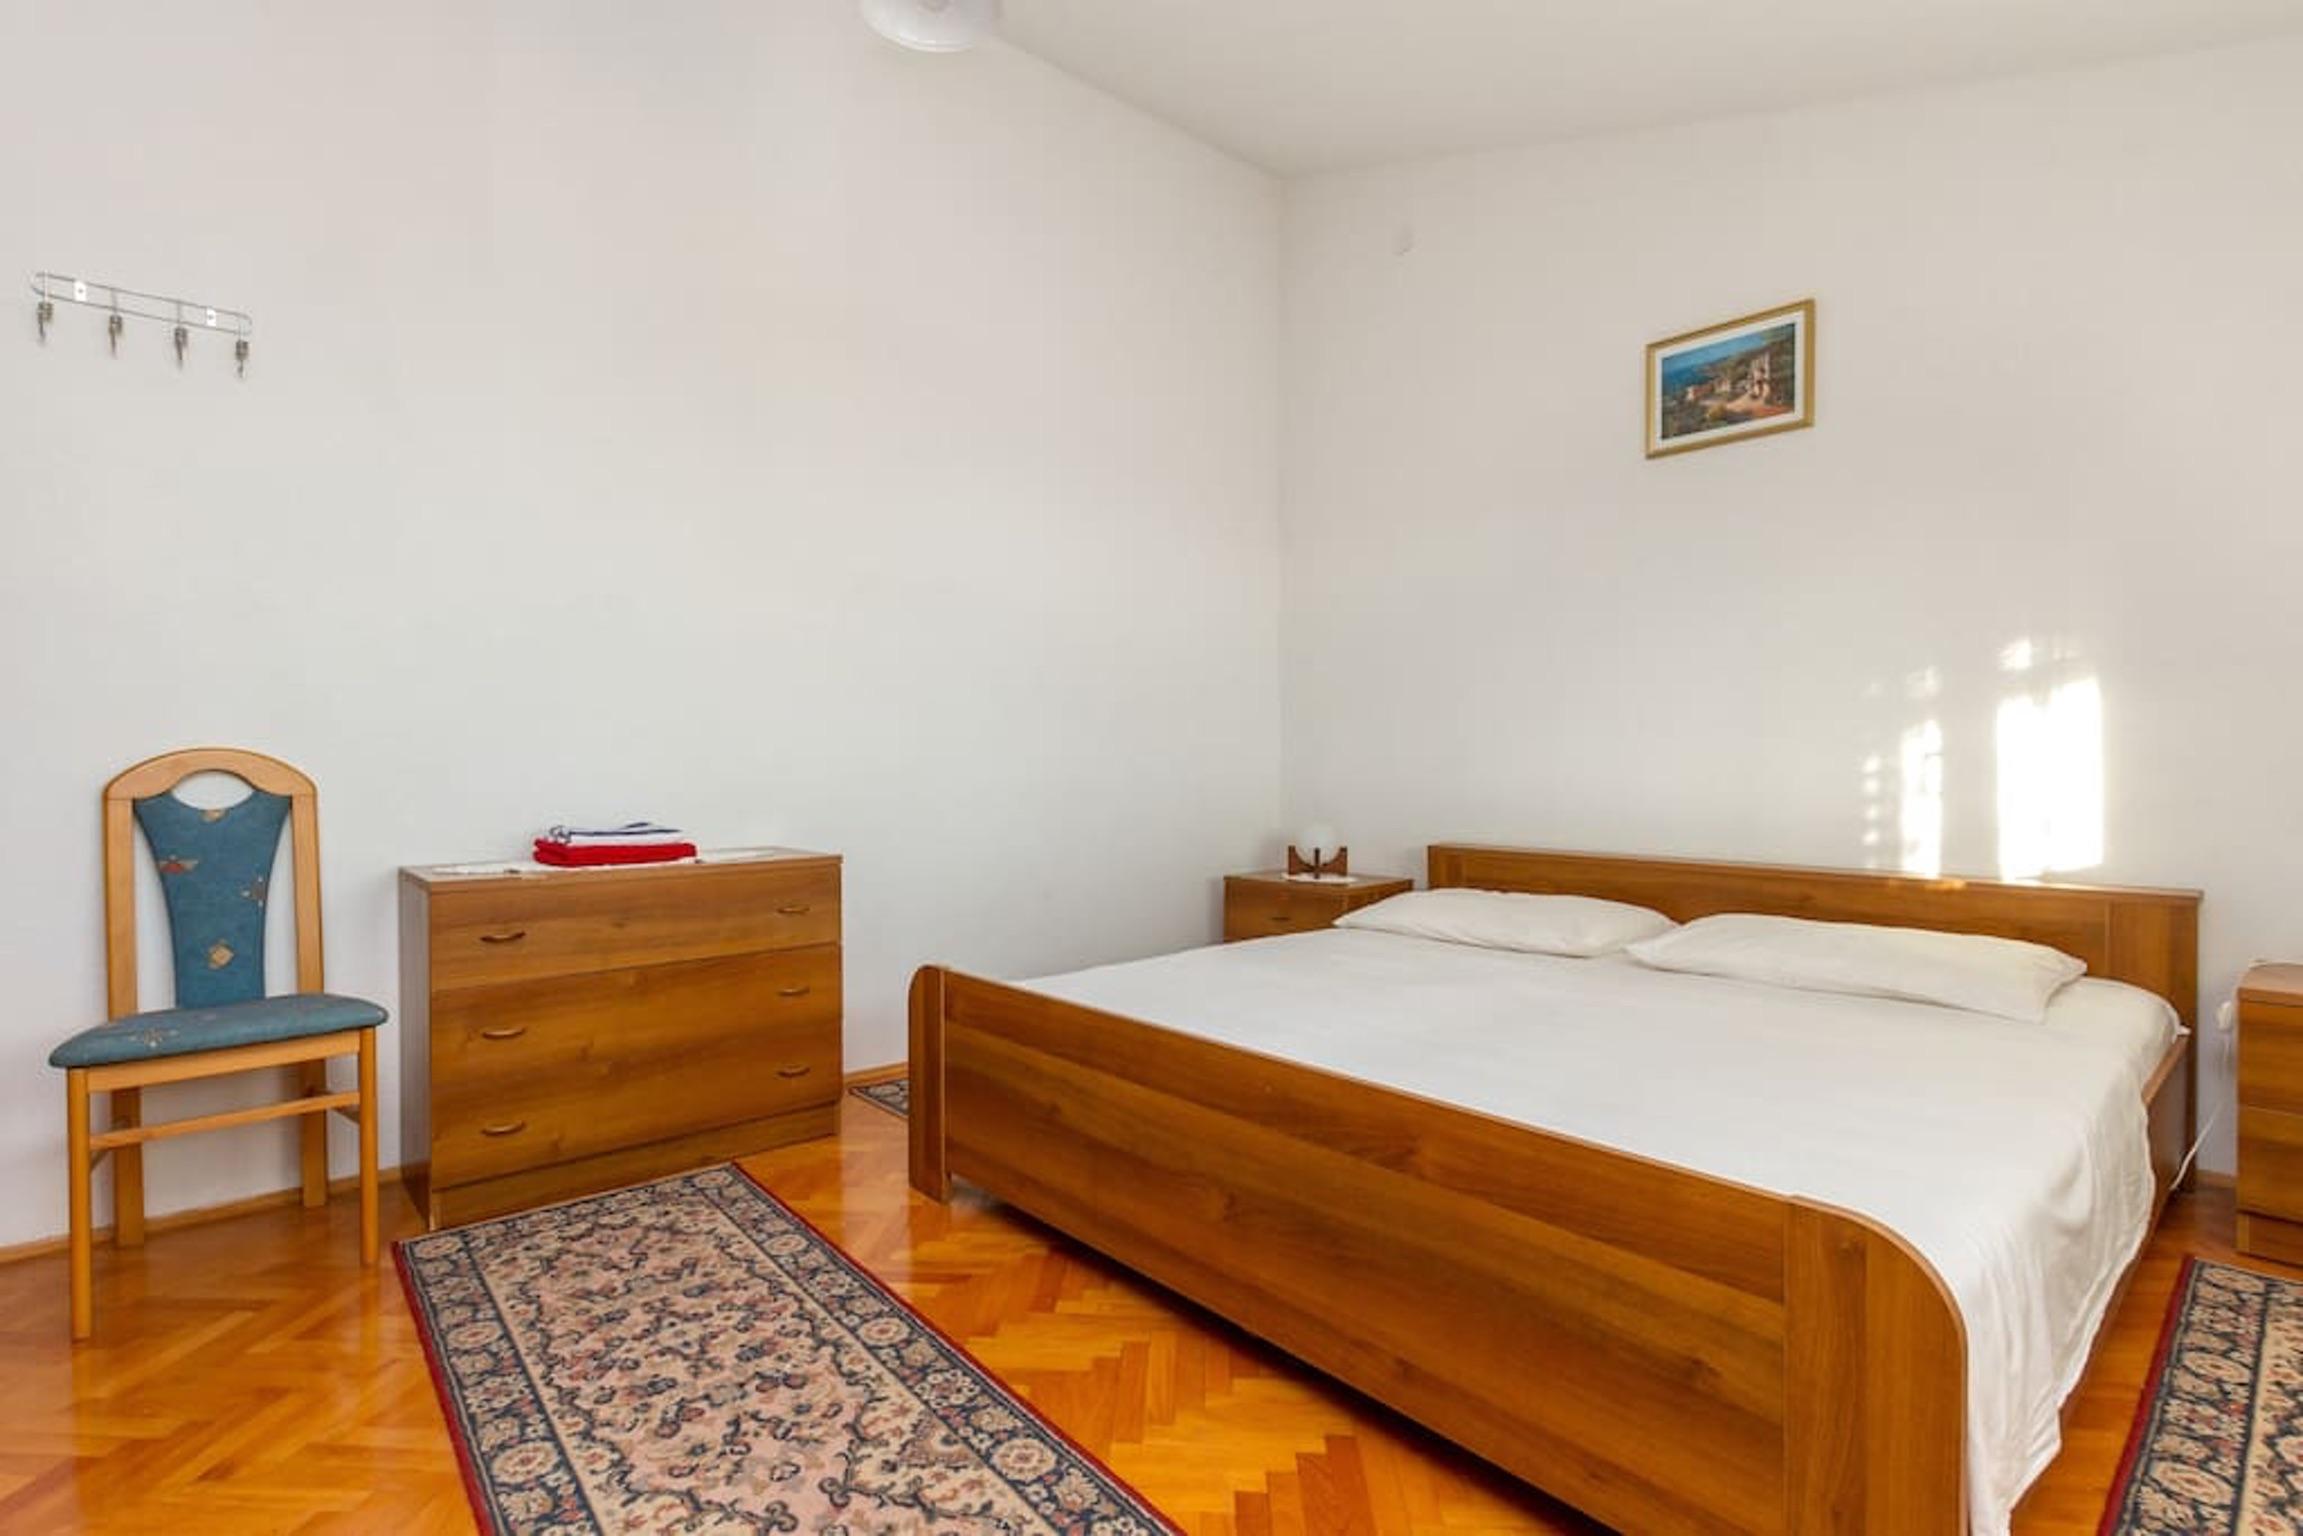 Ferienwohnung Wohnung mit 3 Zimmern in Seget Vranjica mit herrlichem Meerblick und eingezäuntem Garten - (2339638), Seget Donji, , Dalmatien, Kroatien, Bild 7